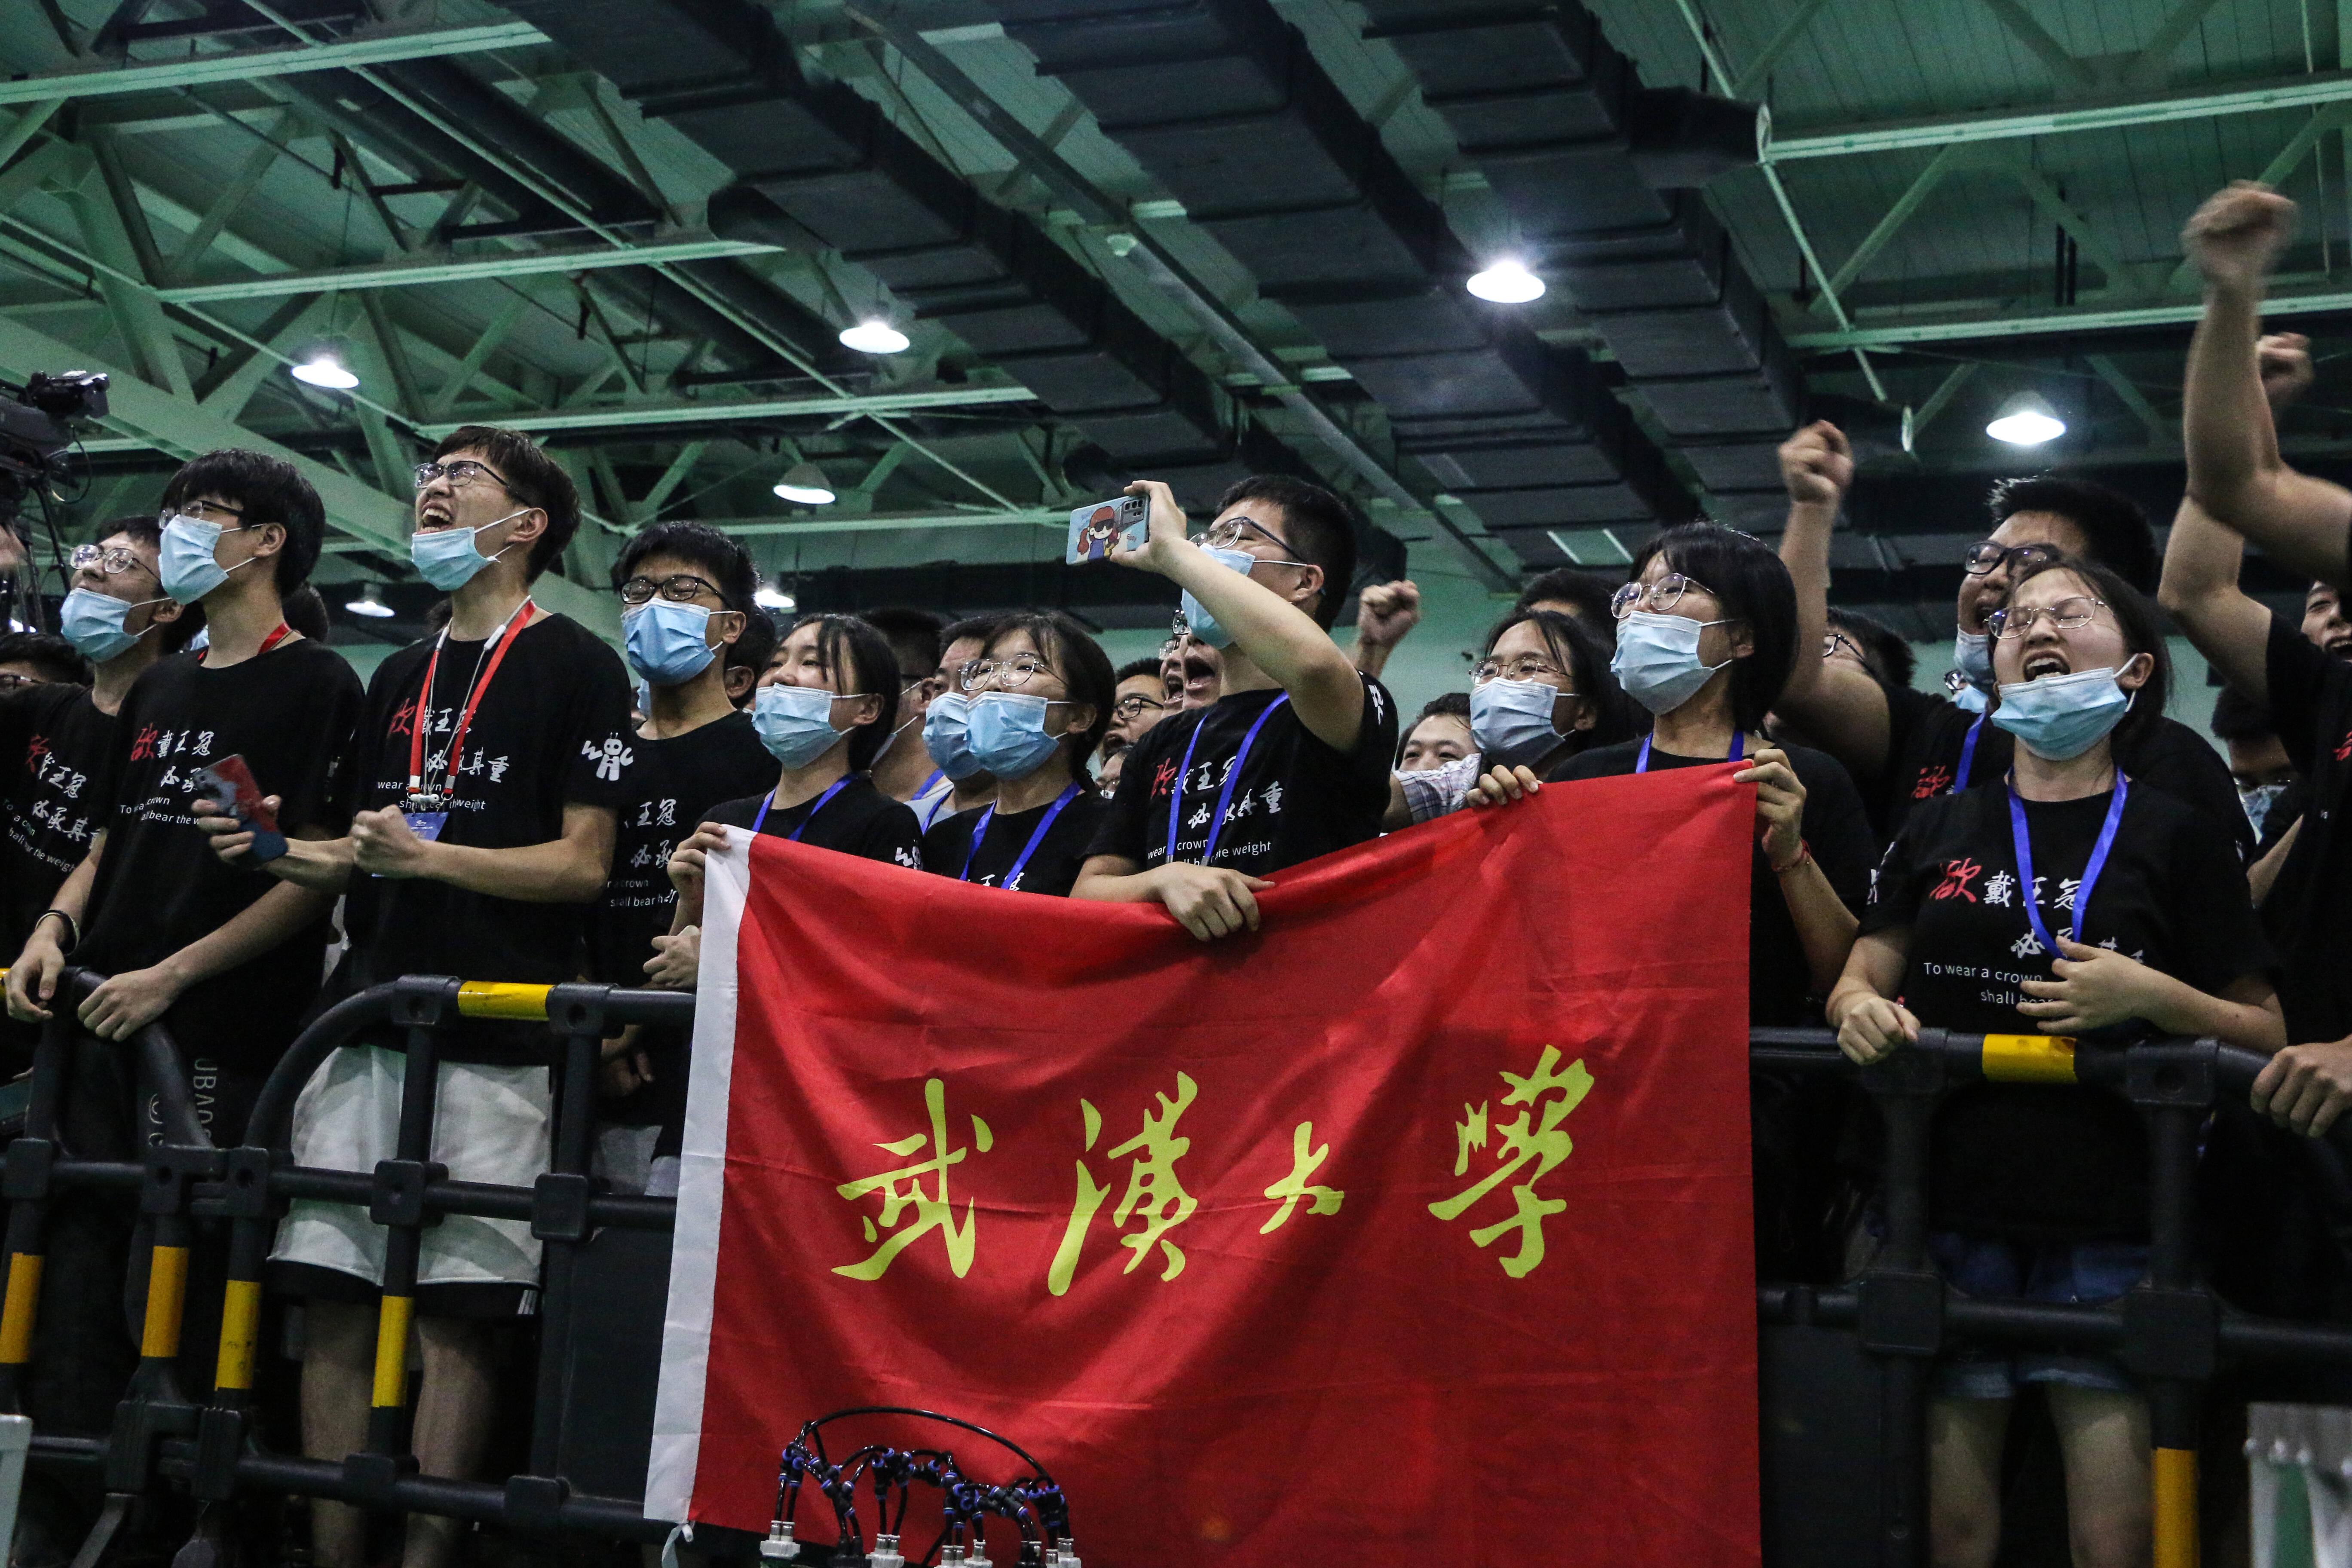 武汉大学夺得冠军!第二十届全国大学生机器人大赛ROBOCON今日闭幕